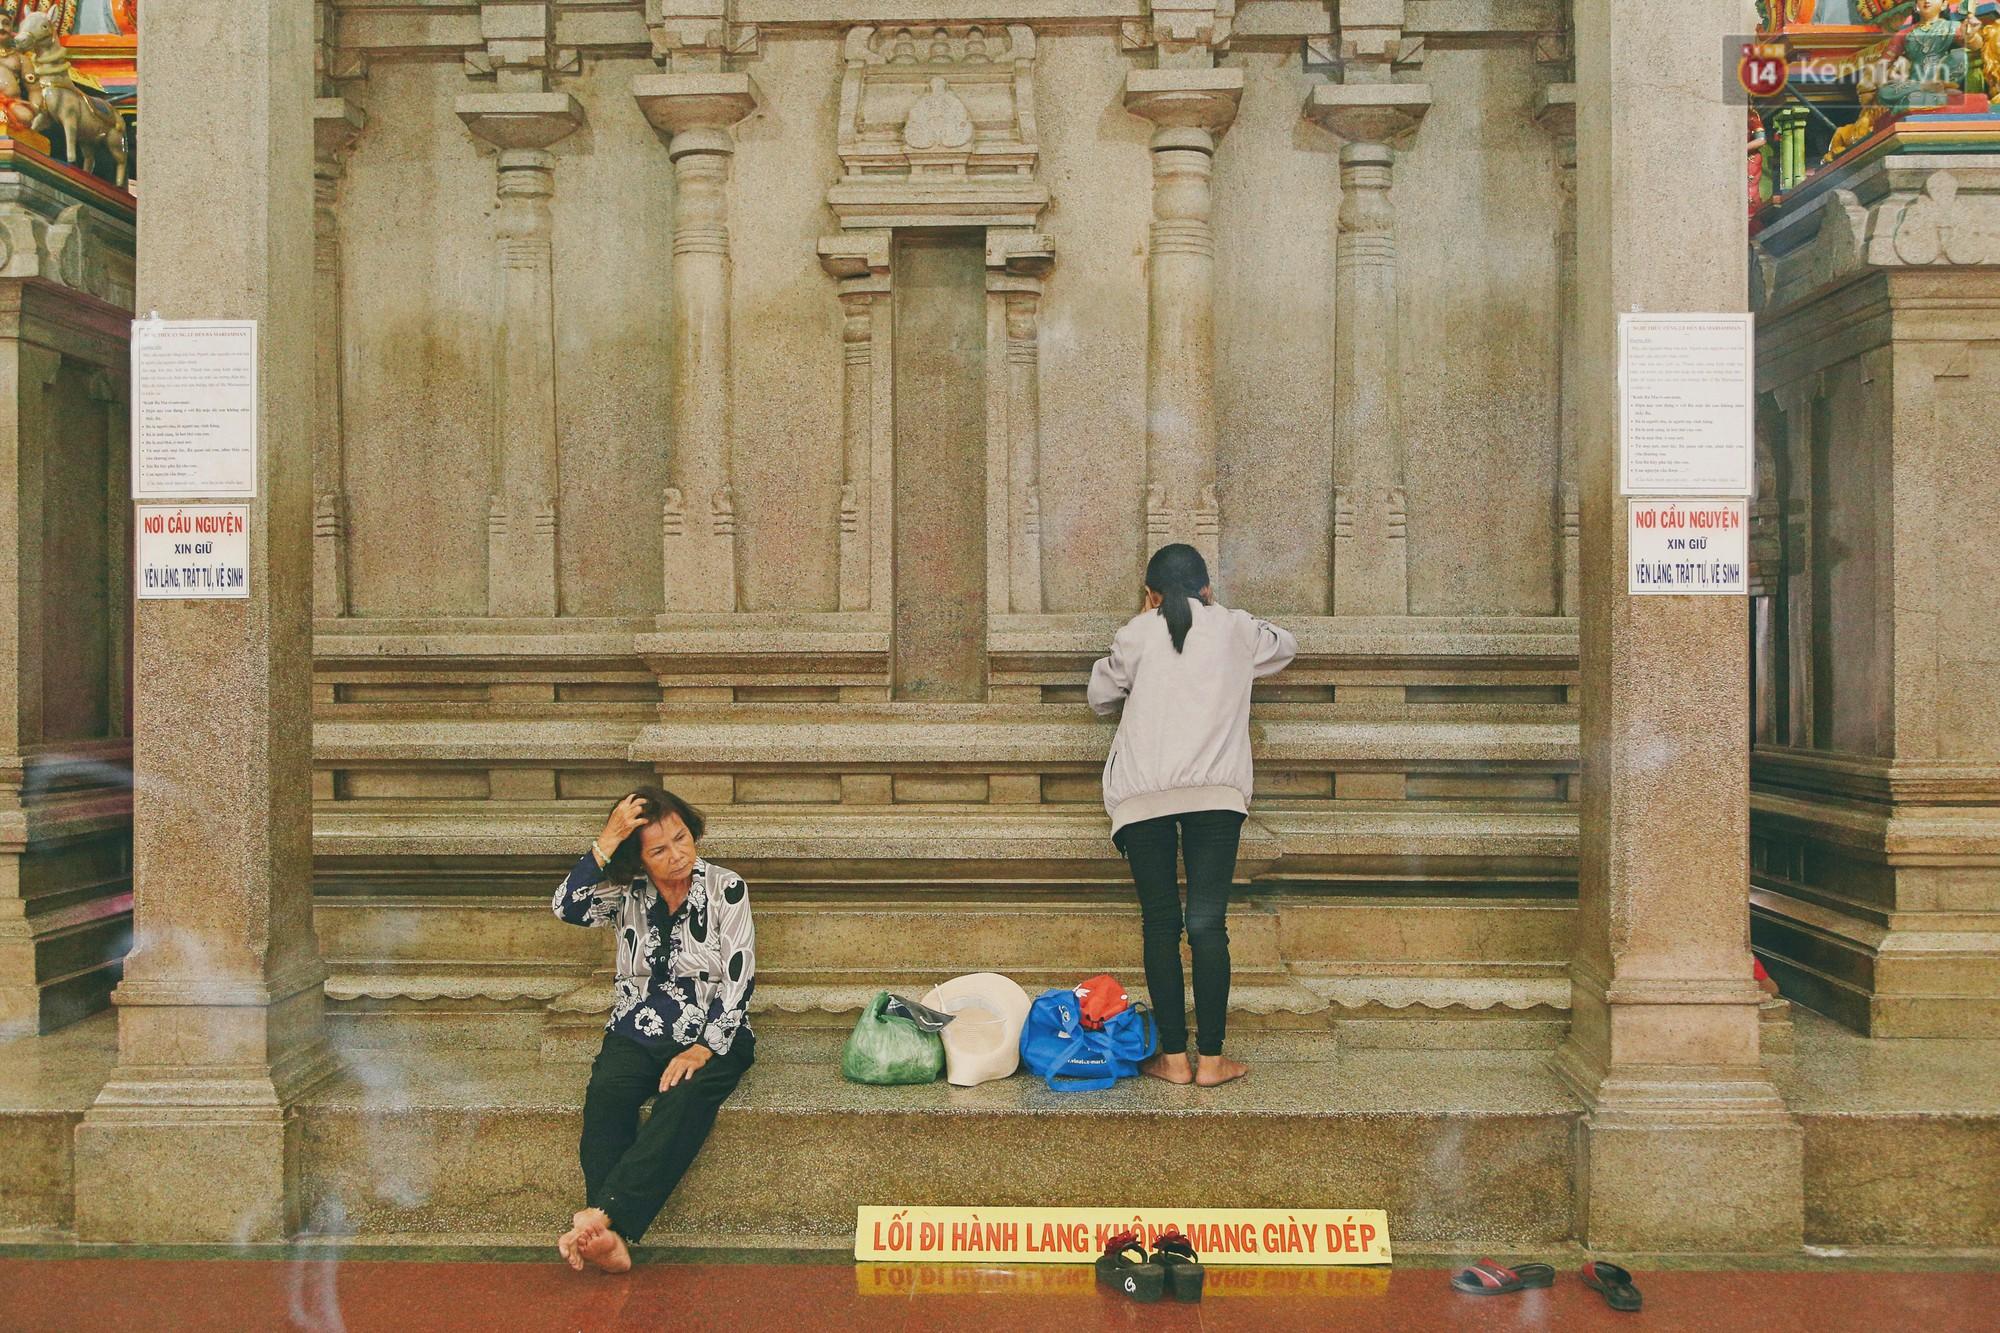 Người Sài Gòn tìm đến úp mặt tâm sự cùng tường đá trong ngôi đền Ấn giáo trăm tuổi - Ảnh 5.